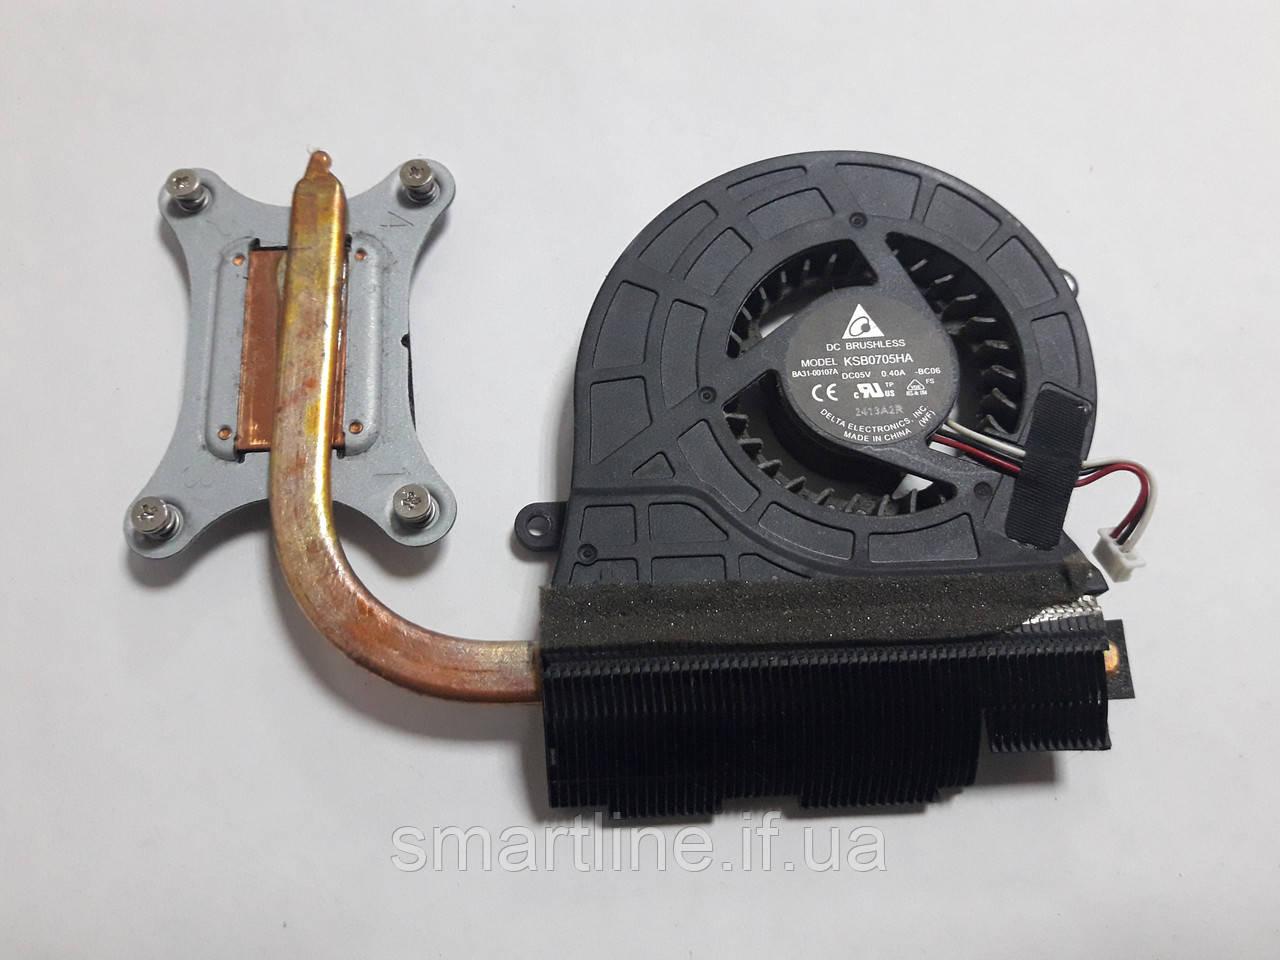 Вентилятор системи охолодження для ноутбука Samsung Q330, KSB06105HA